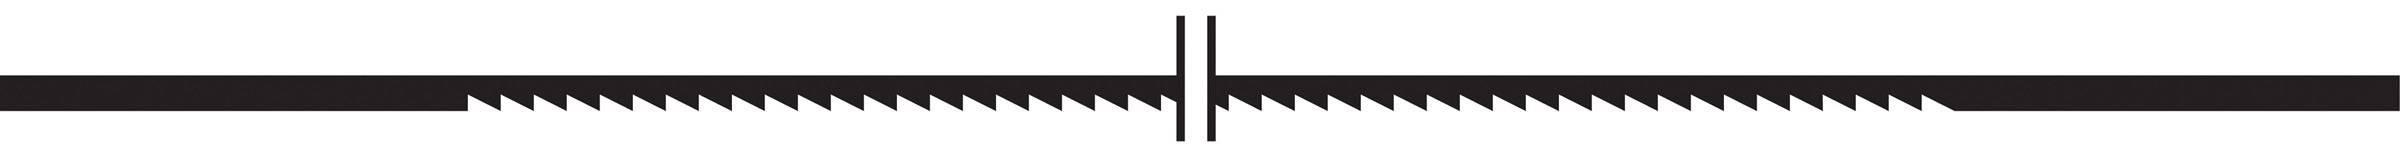 proxxon micromot 28117 lames de scie chantourner super. Black Bedroom Furniture Sets. Home Design Ideas